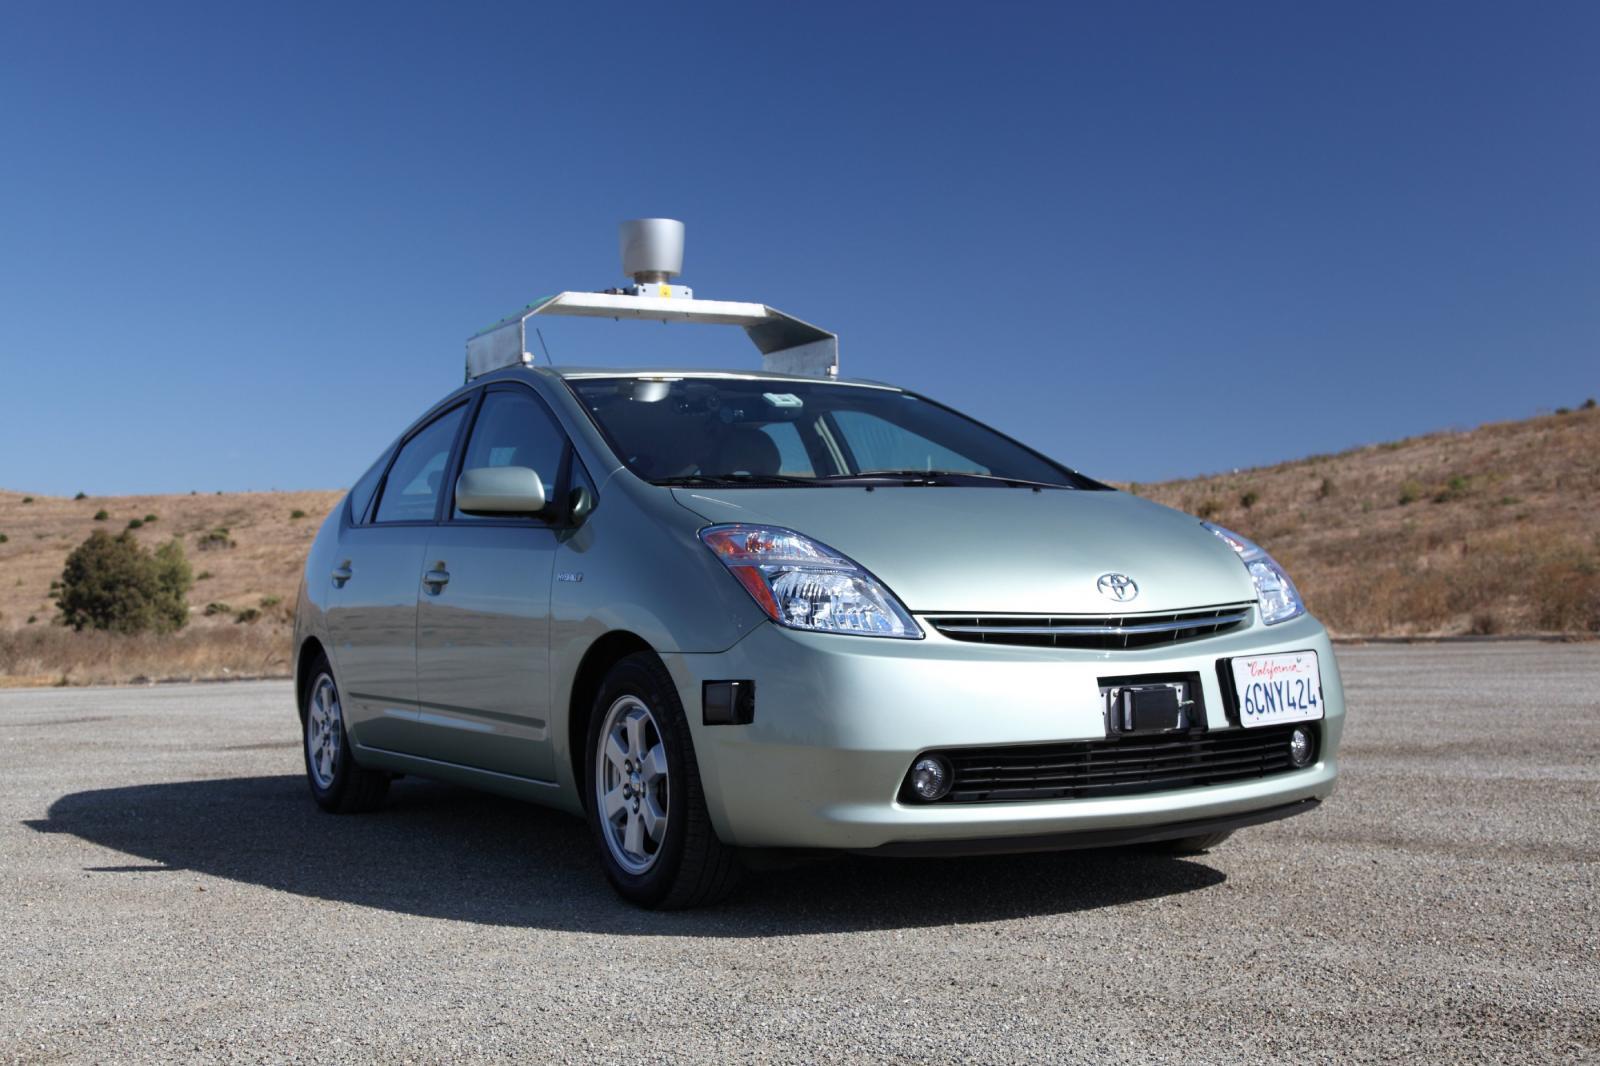 消费者接受度成为无人驾驶车普及关键 汽车 环球网